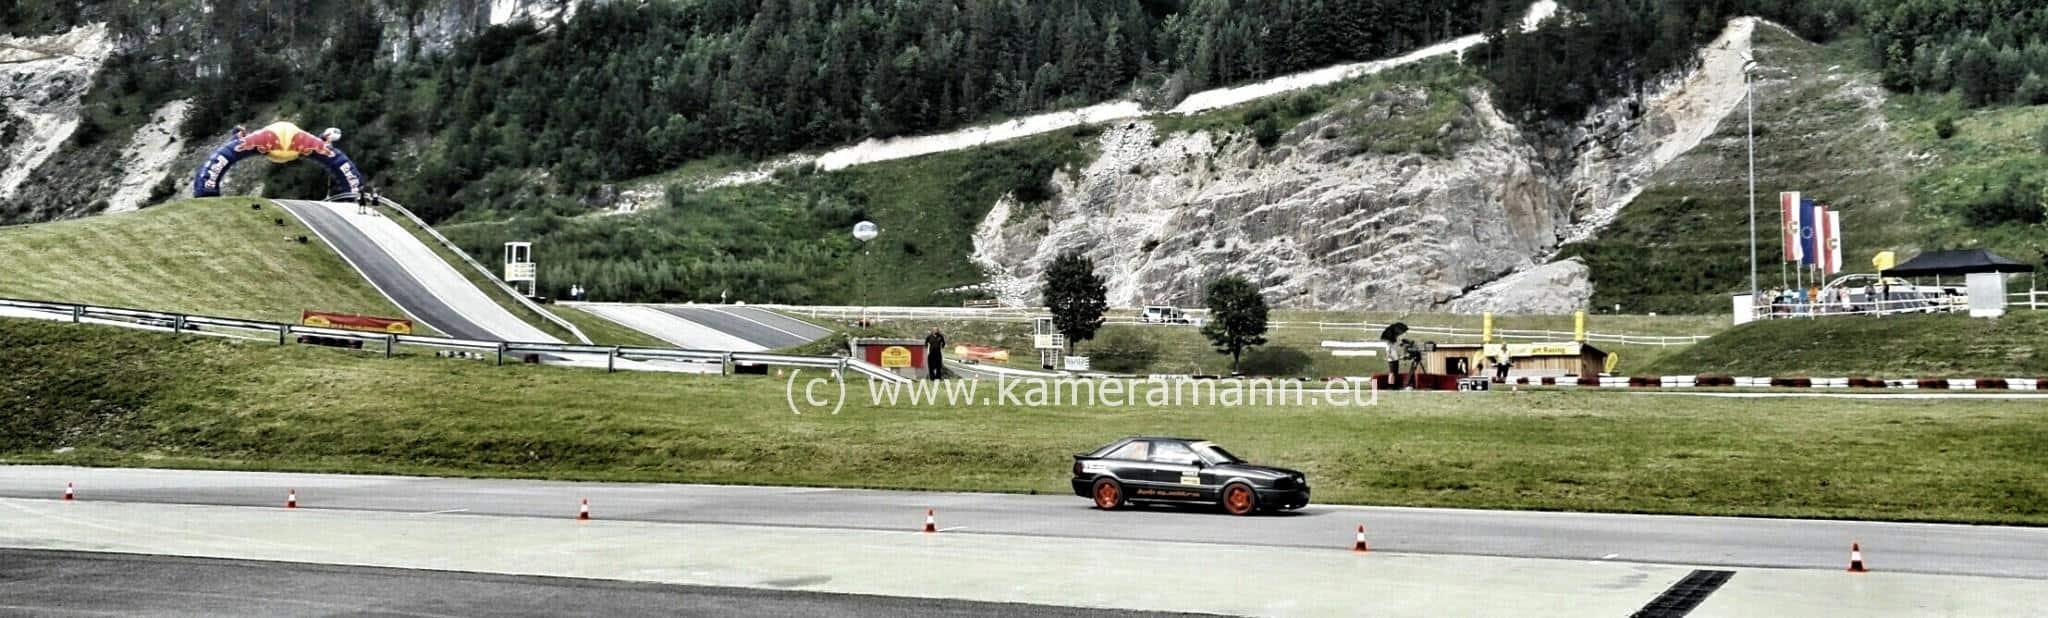 gruppe b rallyelegenden saalfelden 14 - Rallyelegenden Saalfelden